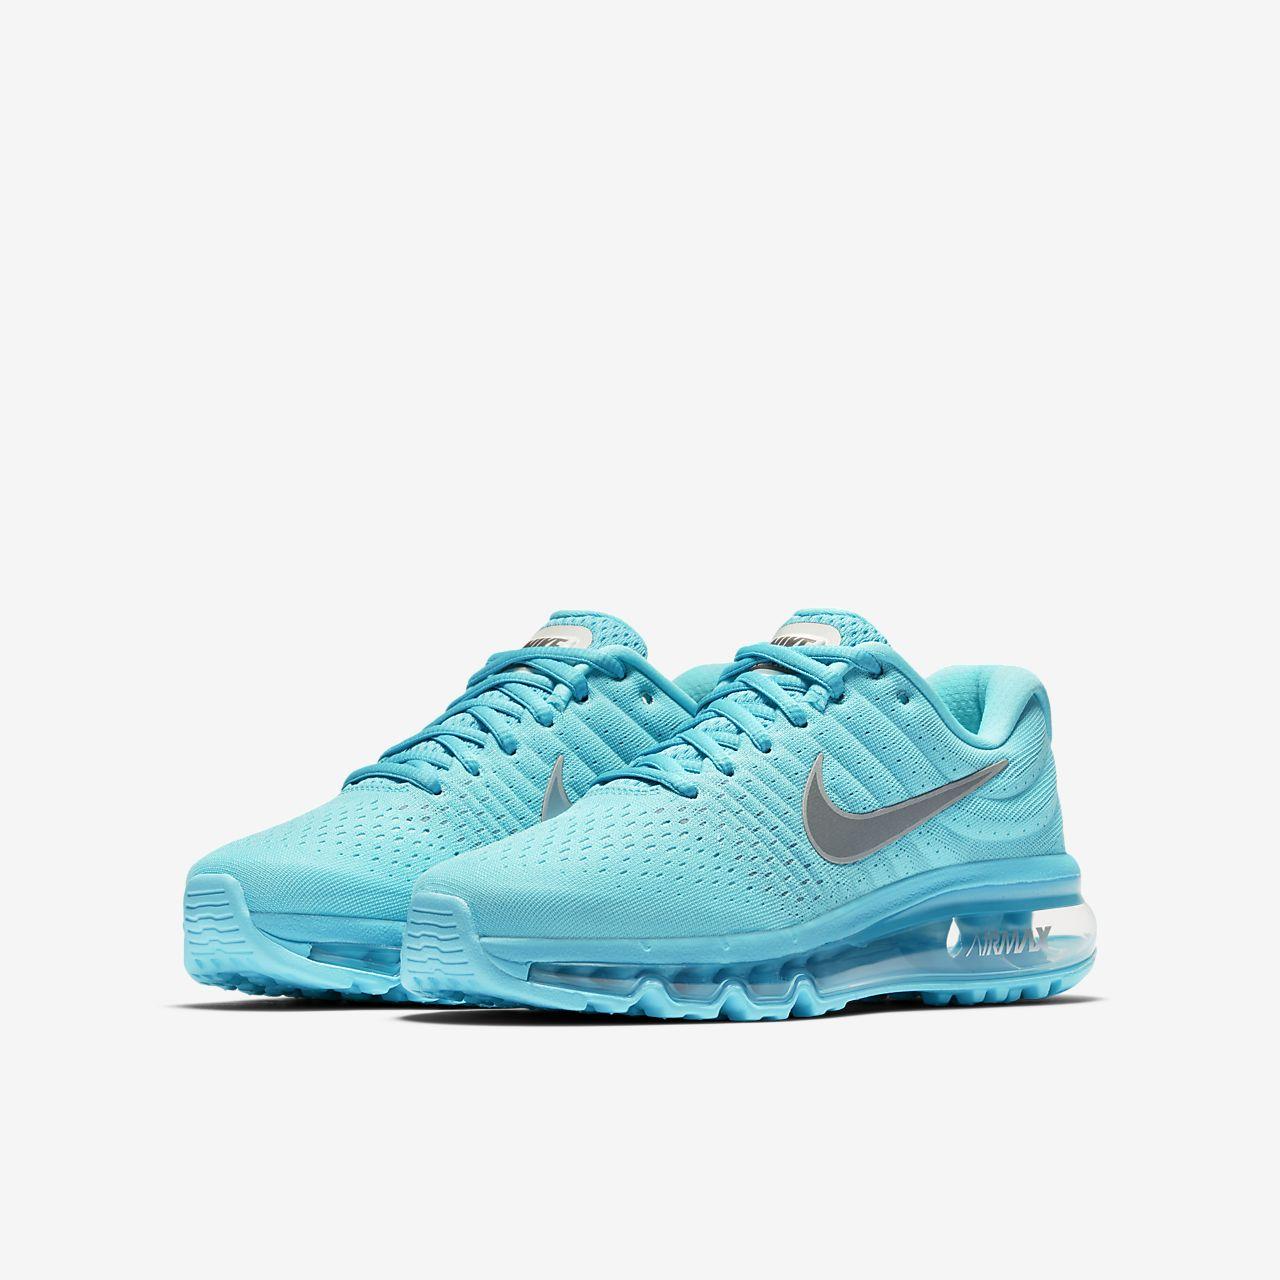 ... Nike Air Max 2017 Older Kids' Running Shoe